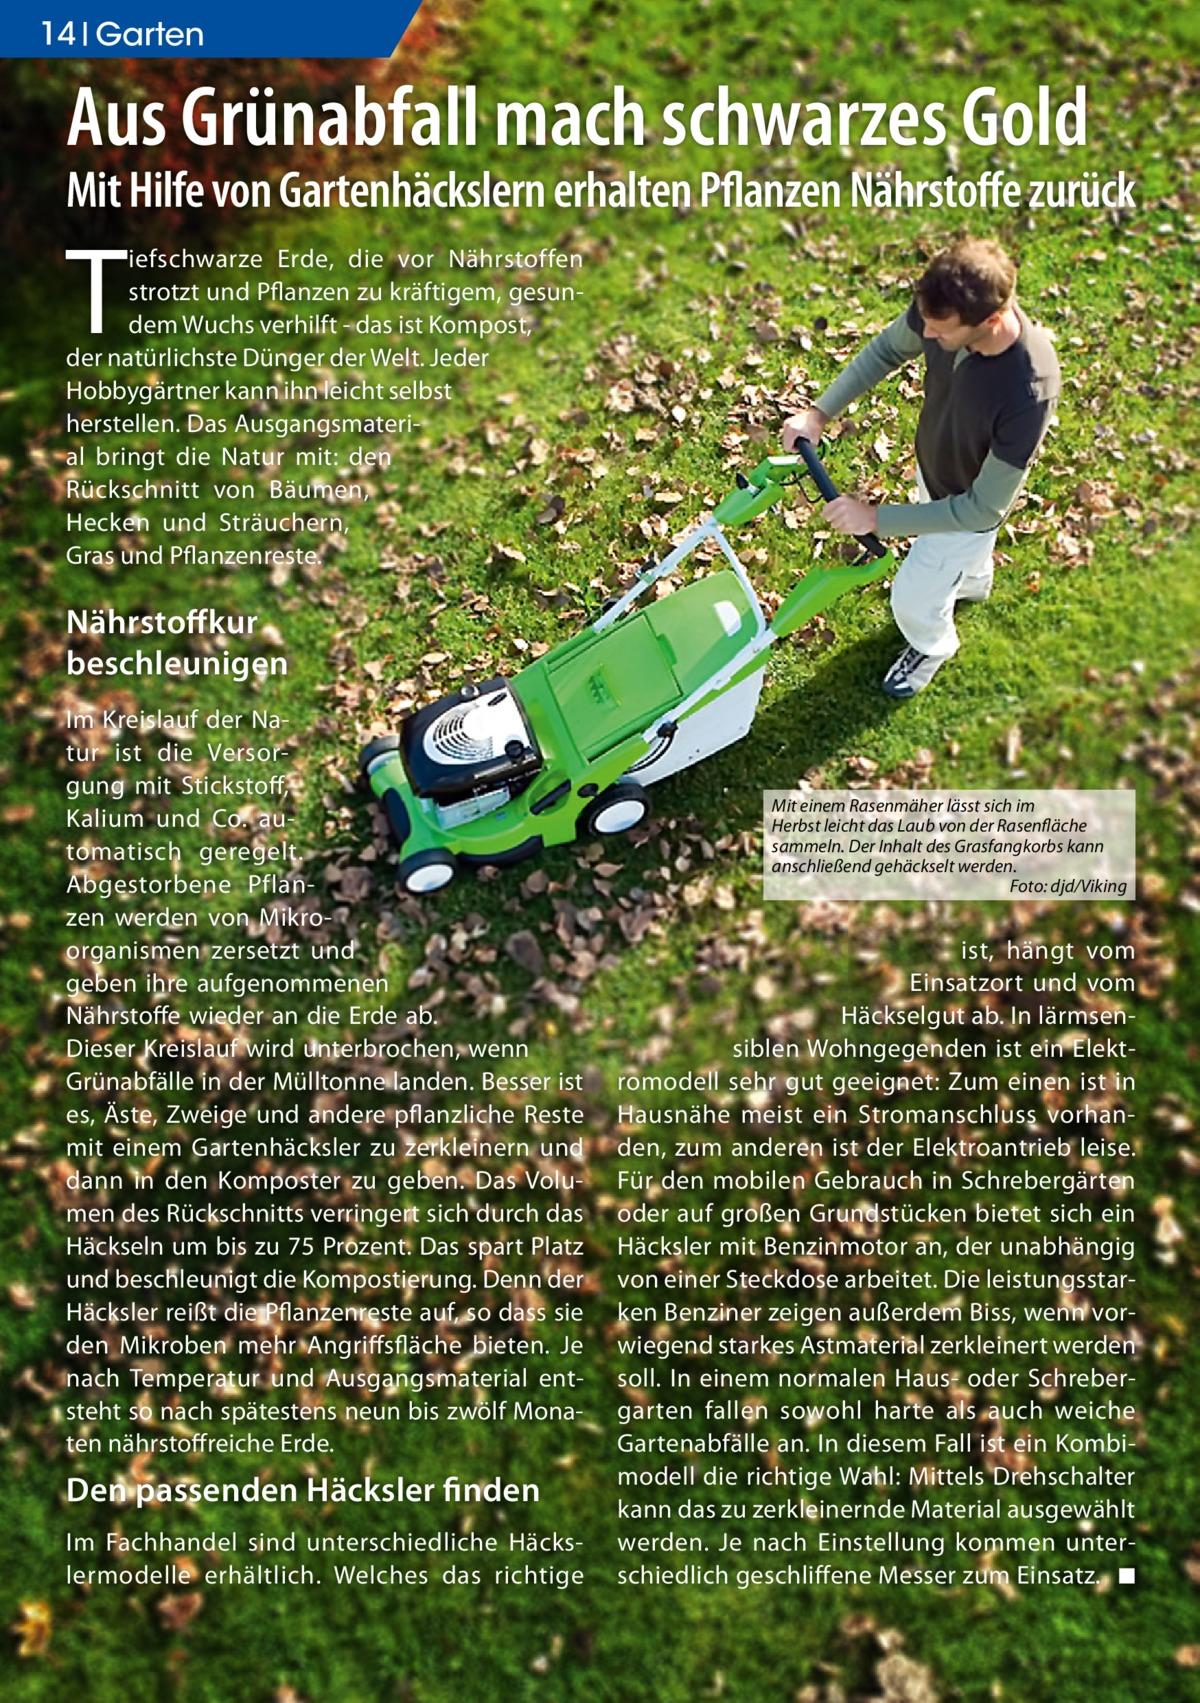 14 Ratgeber Garten  Aus Grünabfall mach schwarzes Gold  Mit Hilfe von Gartenhäckslern erhalten Pflanzen Nährstoffe zurück  T  iefschwarze Erde, die vor Nährstoffen strotzt und Pflanzen zu kräftigem, gesundem Wuchs verhilft - das ist Kompost, der natürlichste Dünger der Welt. Jeder Hobbygärtner kann ihn leicht selbst herstellen. Das Ausgangsmaterial bringt die Natur mit: den Rückschnitt von Bäumen, Hecken und Sträuchern, Gras und Pflanzenreste.  Nährstoffkur beschleunigen Im Kreislauf der Natur ist die Versorgung mit Stickstoff, Kalium und Co. automatisch geregelt. Abgestorbene Pflanzen werden von Mikroorganismen zersetzt und geben ihre aufgenommenen Nährstoffe wieder an die Erde ab. Dieser Kreislauf wird unterbrochen, wenn Grünabfälle in der Mülltonne landen. Besser ist es, Äste, Zweige und andere pflanzliche Reste mit einem Gartenhäcksler zu zerkleinern und dann in den Komposter zu geben. Das Volumen des Rückschnitts verringert sich durch das Häckseln um bis zu 75 Prozent. Das spart Platz und beschleunigt die Kompostierung. Denn der Häcksler reißt die Pflanzenreste auf, so dass sie den Mikroben mehr Angriffsfläche bieten. Je nach Temperatur und Ausgangsmaterial entsteht so nach spätestens neun bis zwölf Monaten nährstoffreiche Erde.  Den passenden häcksler finden Im Fachhandel sind unterschiedliche Häckslermodelle erhältlich. Welches das richtige  Mit einem Rasenmäher lässt sich im Herbst leicht das Laub von der Rasenfläche sammeln. Der Inhalt des Grasfangkorbs kann anschließend gehäckselt werden. Foto: djd/Viking  ist, hängt vom Einsatzort und vom Häckselgut ab. In lärmsensiblen Wohngegenden ist ein Elektromodell sehr gut geeignet: Zum einen ist in Hausnähe meist ein Stromanschluss vorhanden, zum anderen ist der Elektroantrieb leise. Für den mobilen Gebrauch in Schrebergärten oder auf großen Grundstücken bietet sich ein Häcksler mit Benzinmotor an, der unabhängig von einer Steckdose arbeitet. Die leistungsstarken Benziner zeigen außerdem Biss, wenn vorwiegend star